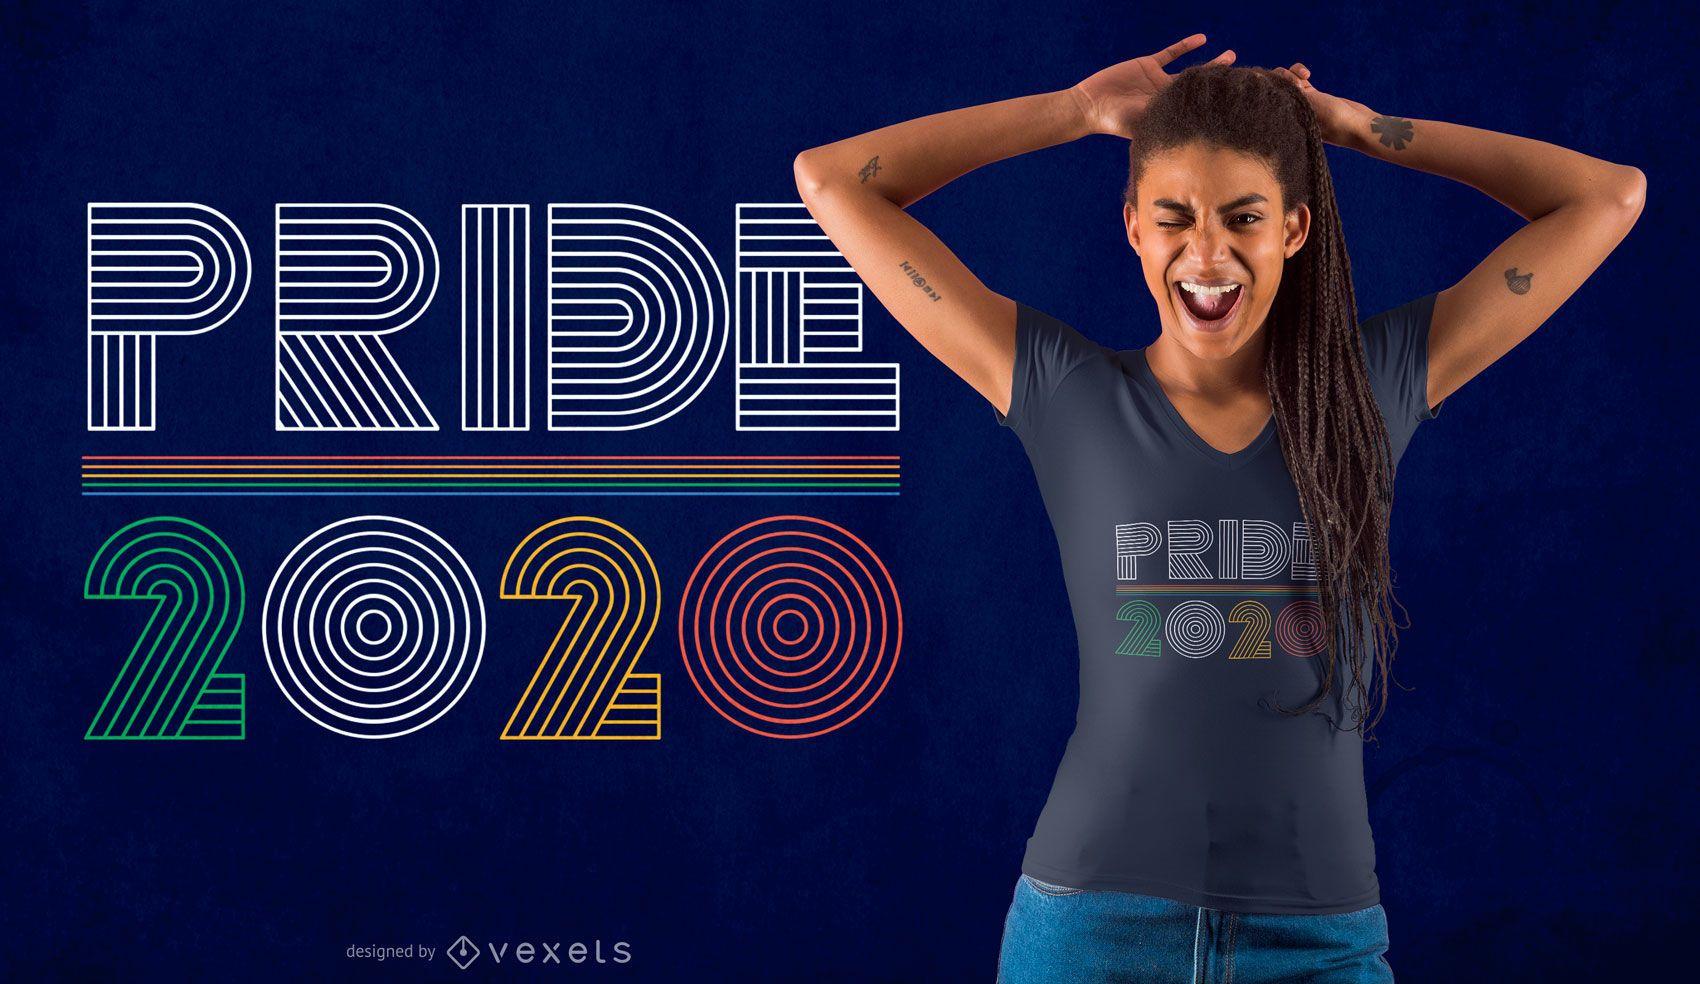 Diseño de camiseta Pride 2020